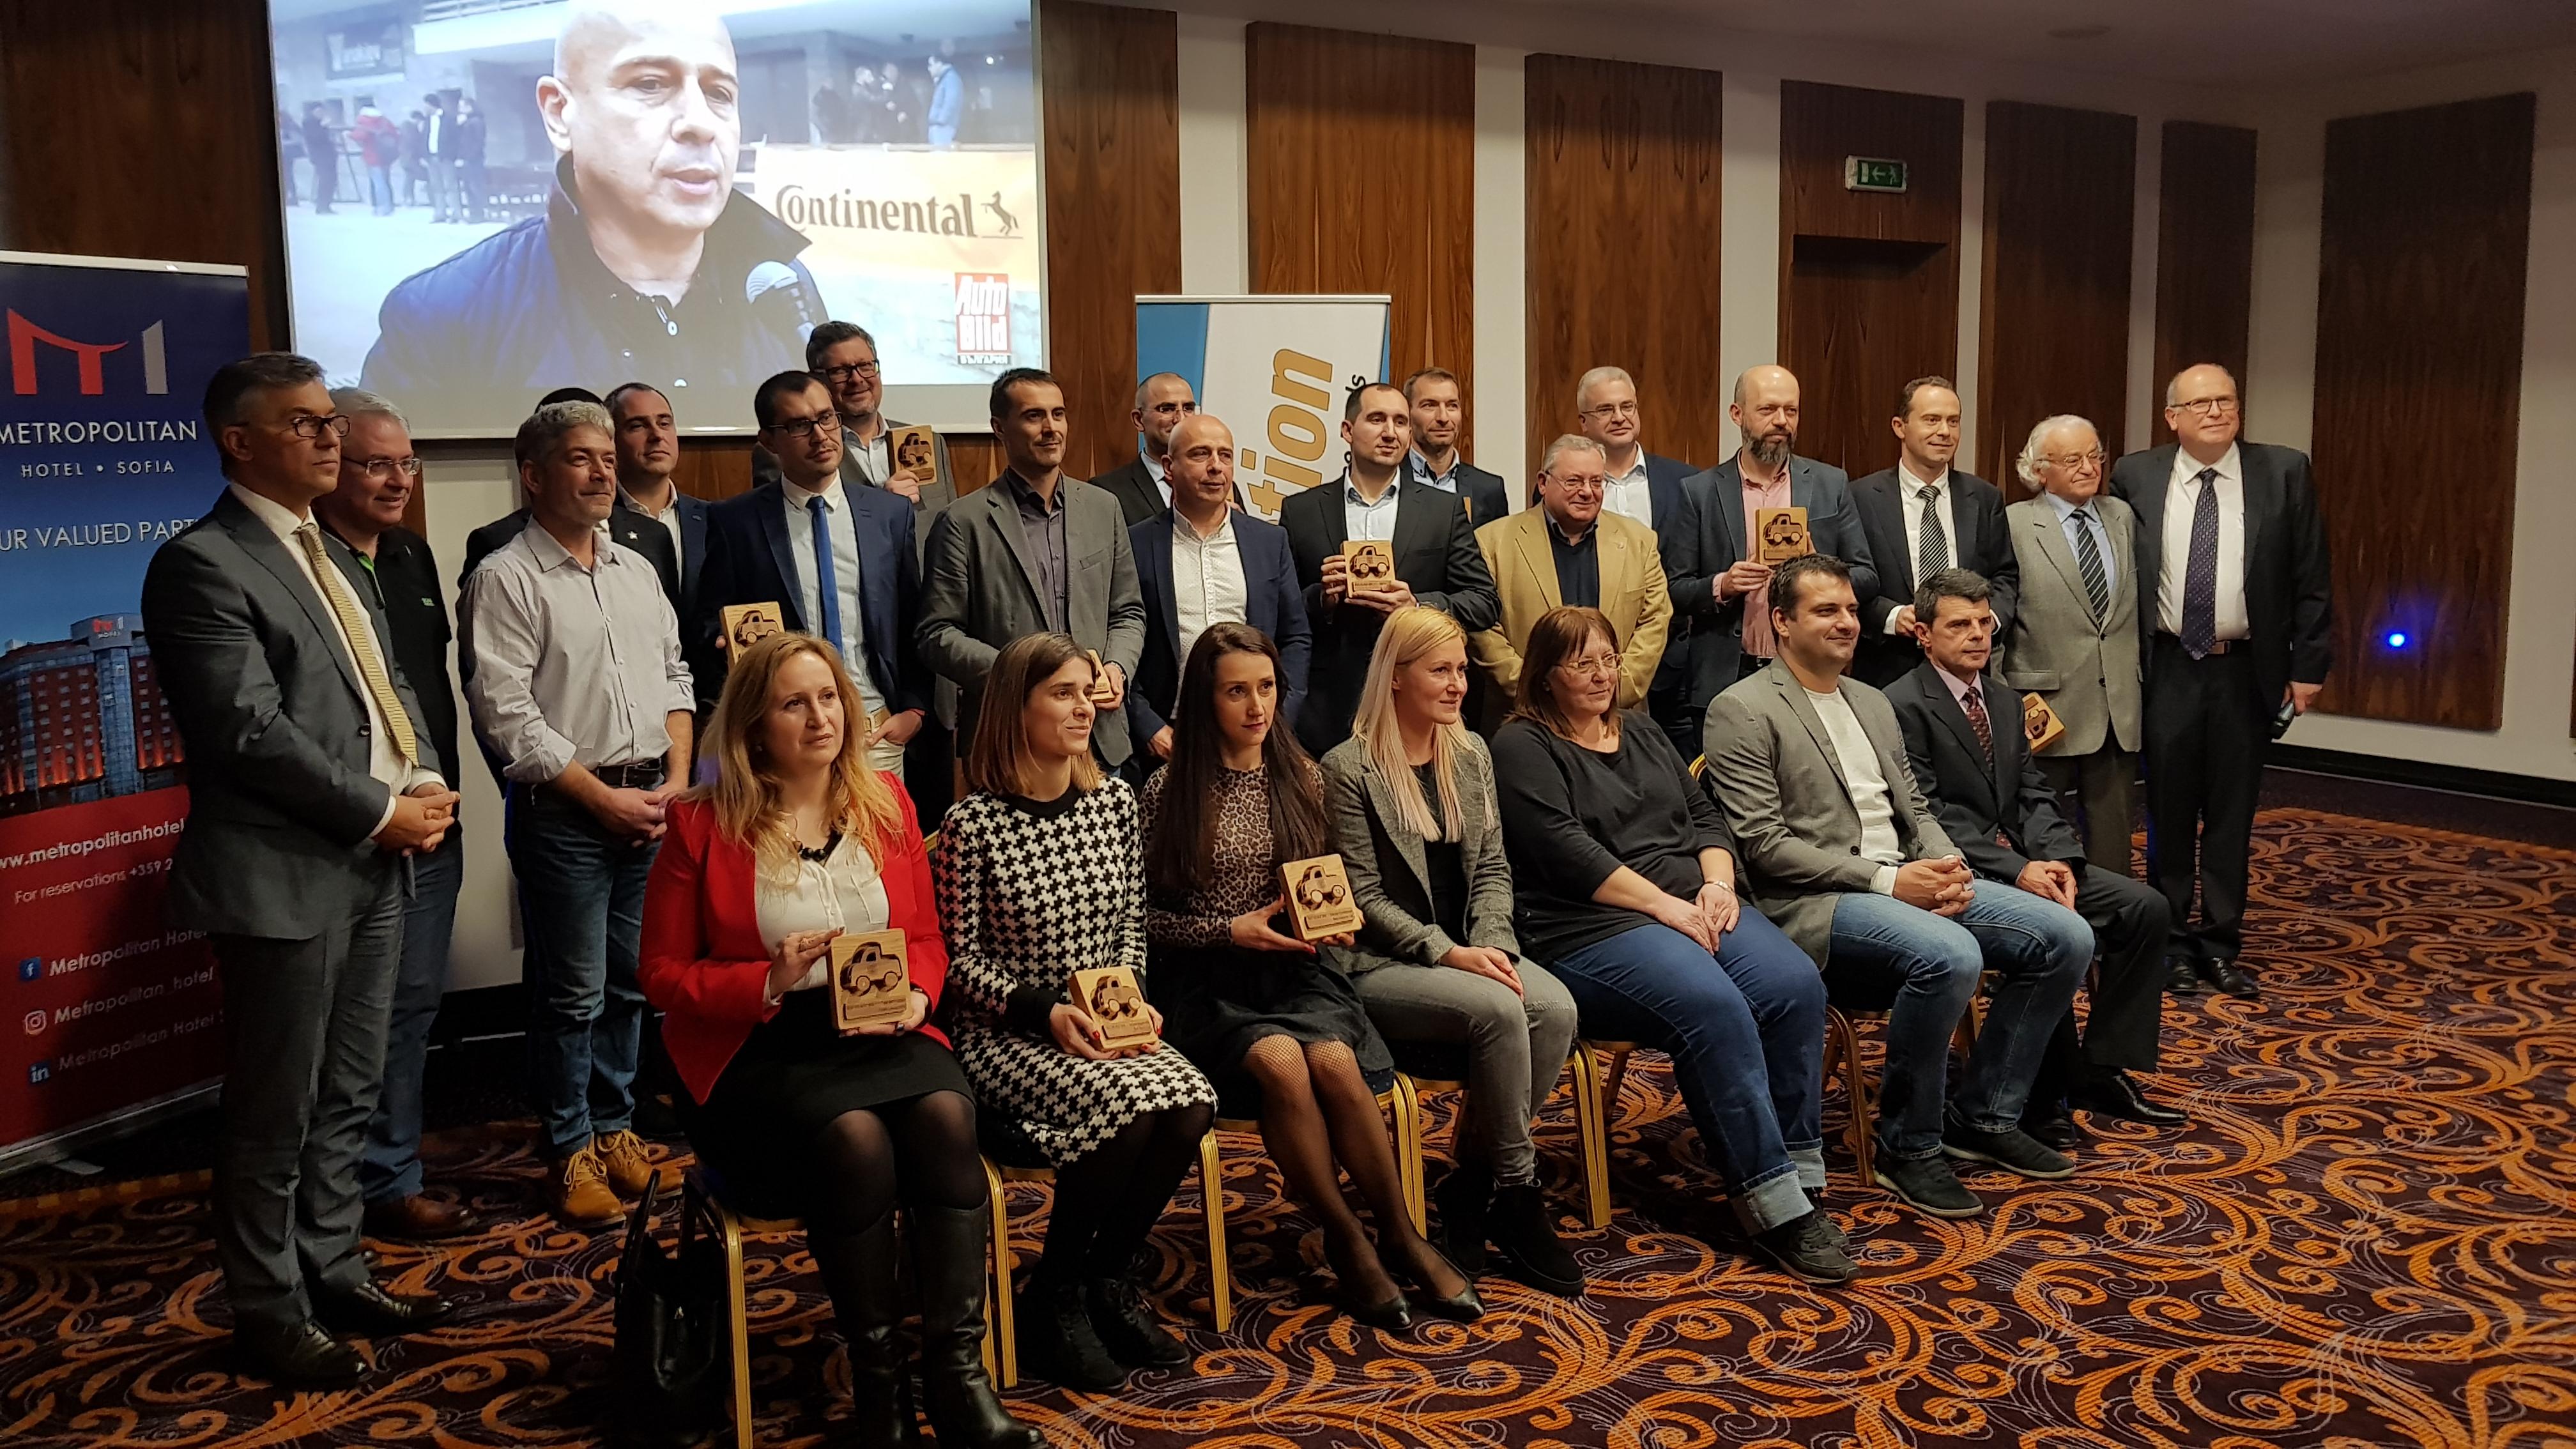 Костадин Грозданов, най-високият на третия ред с наградата на Mahindra